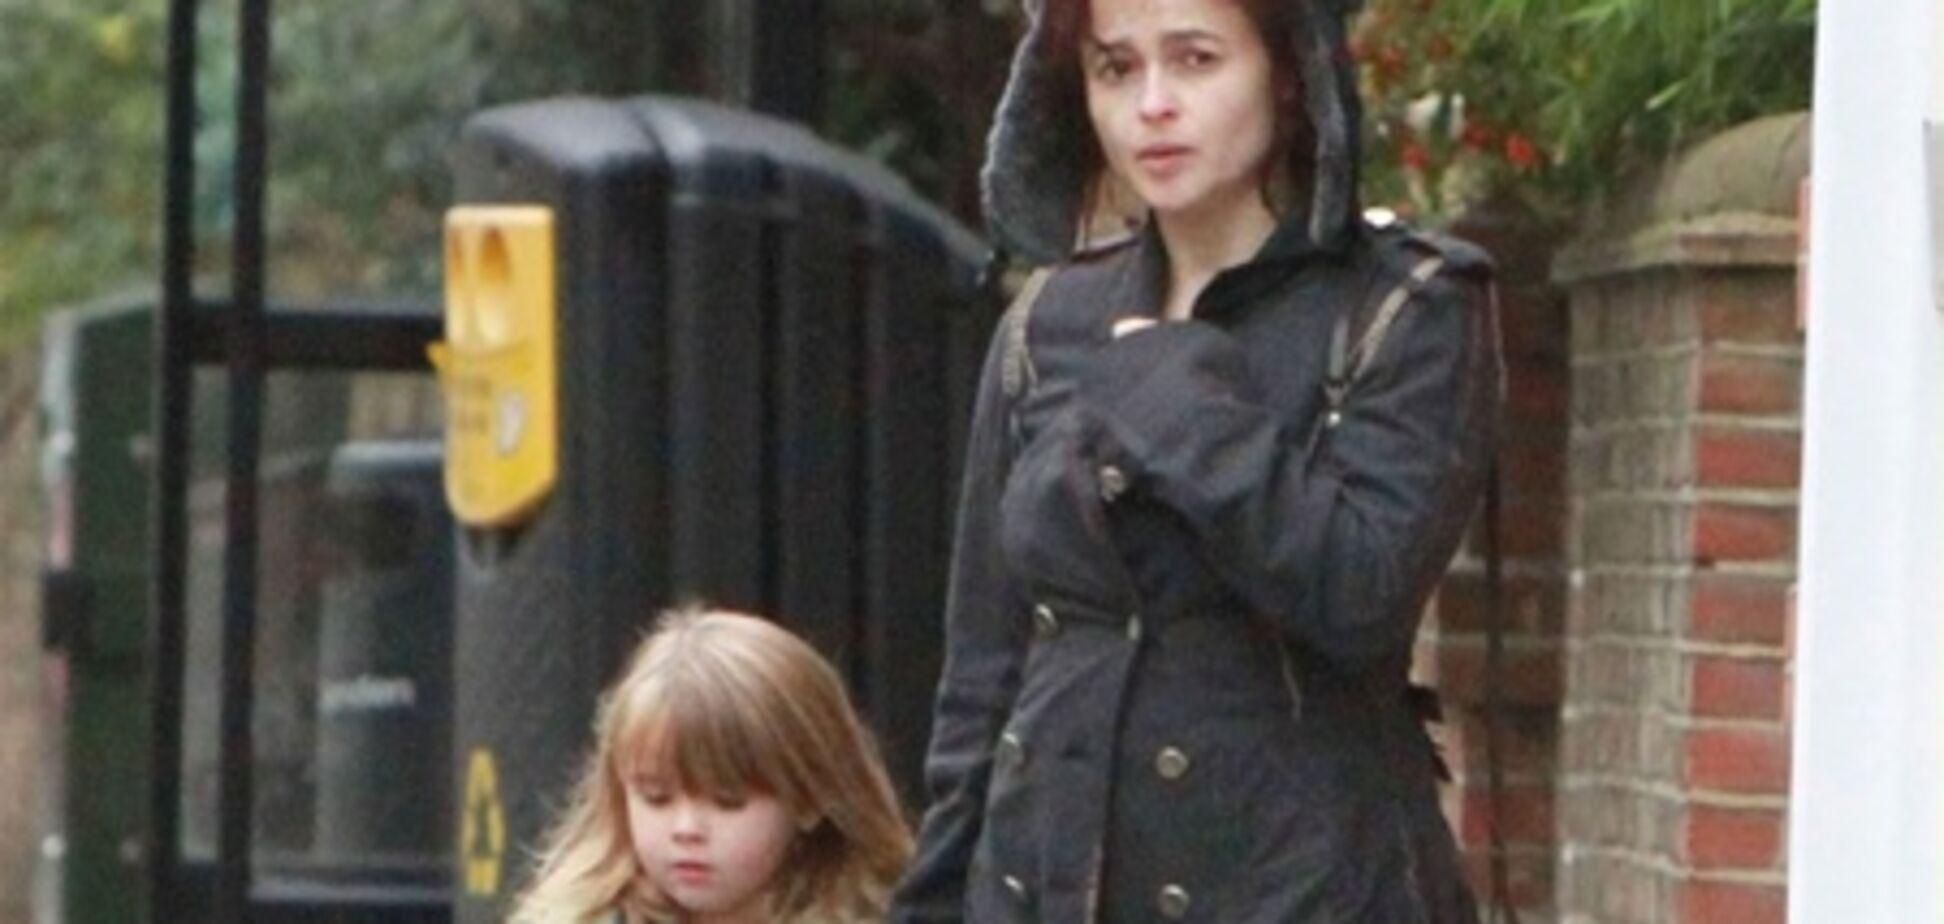 Девушки Картер отправились в супермаркет